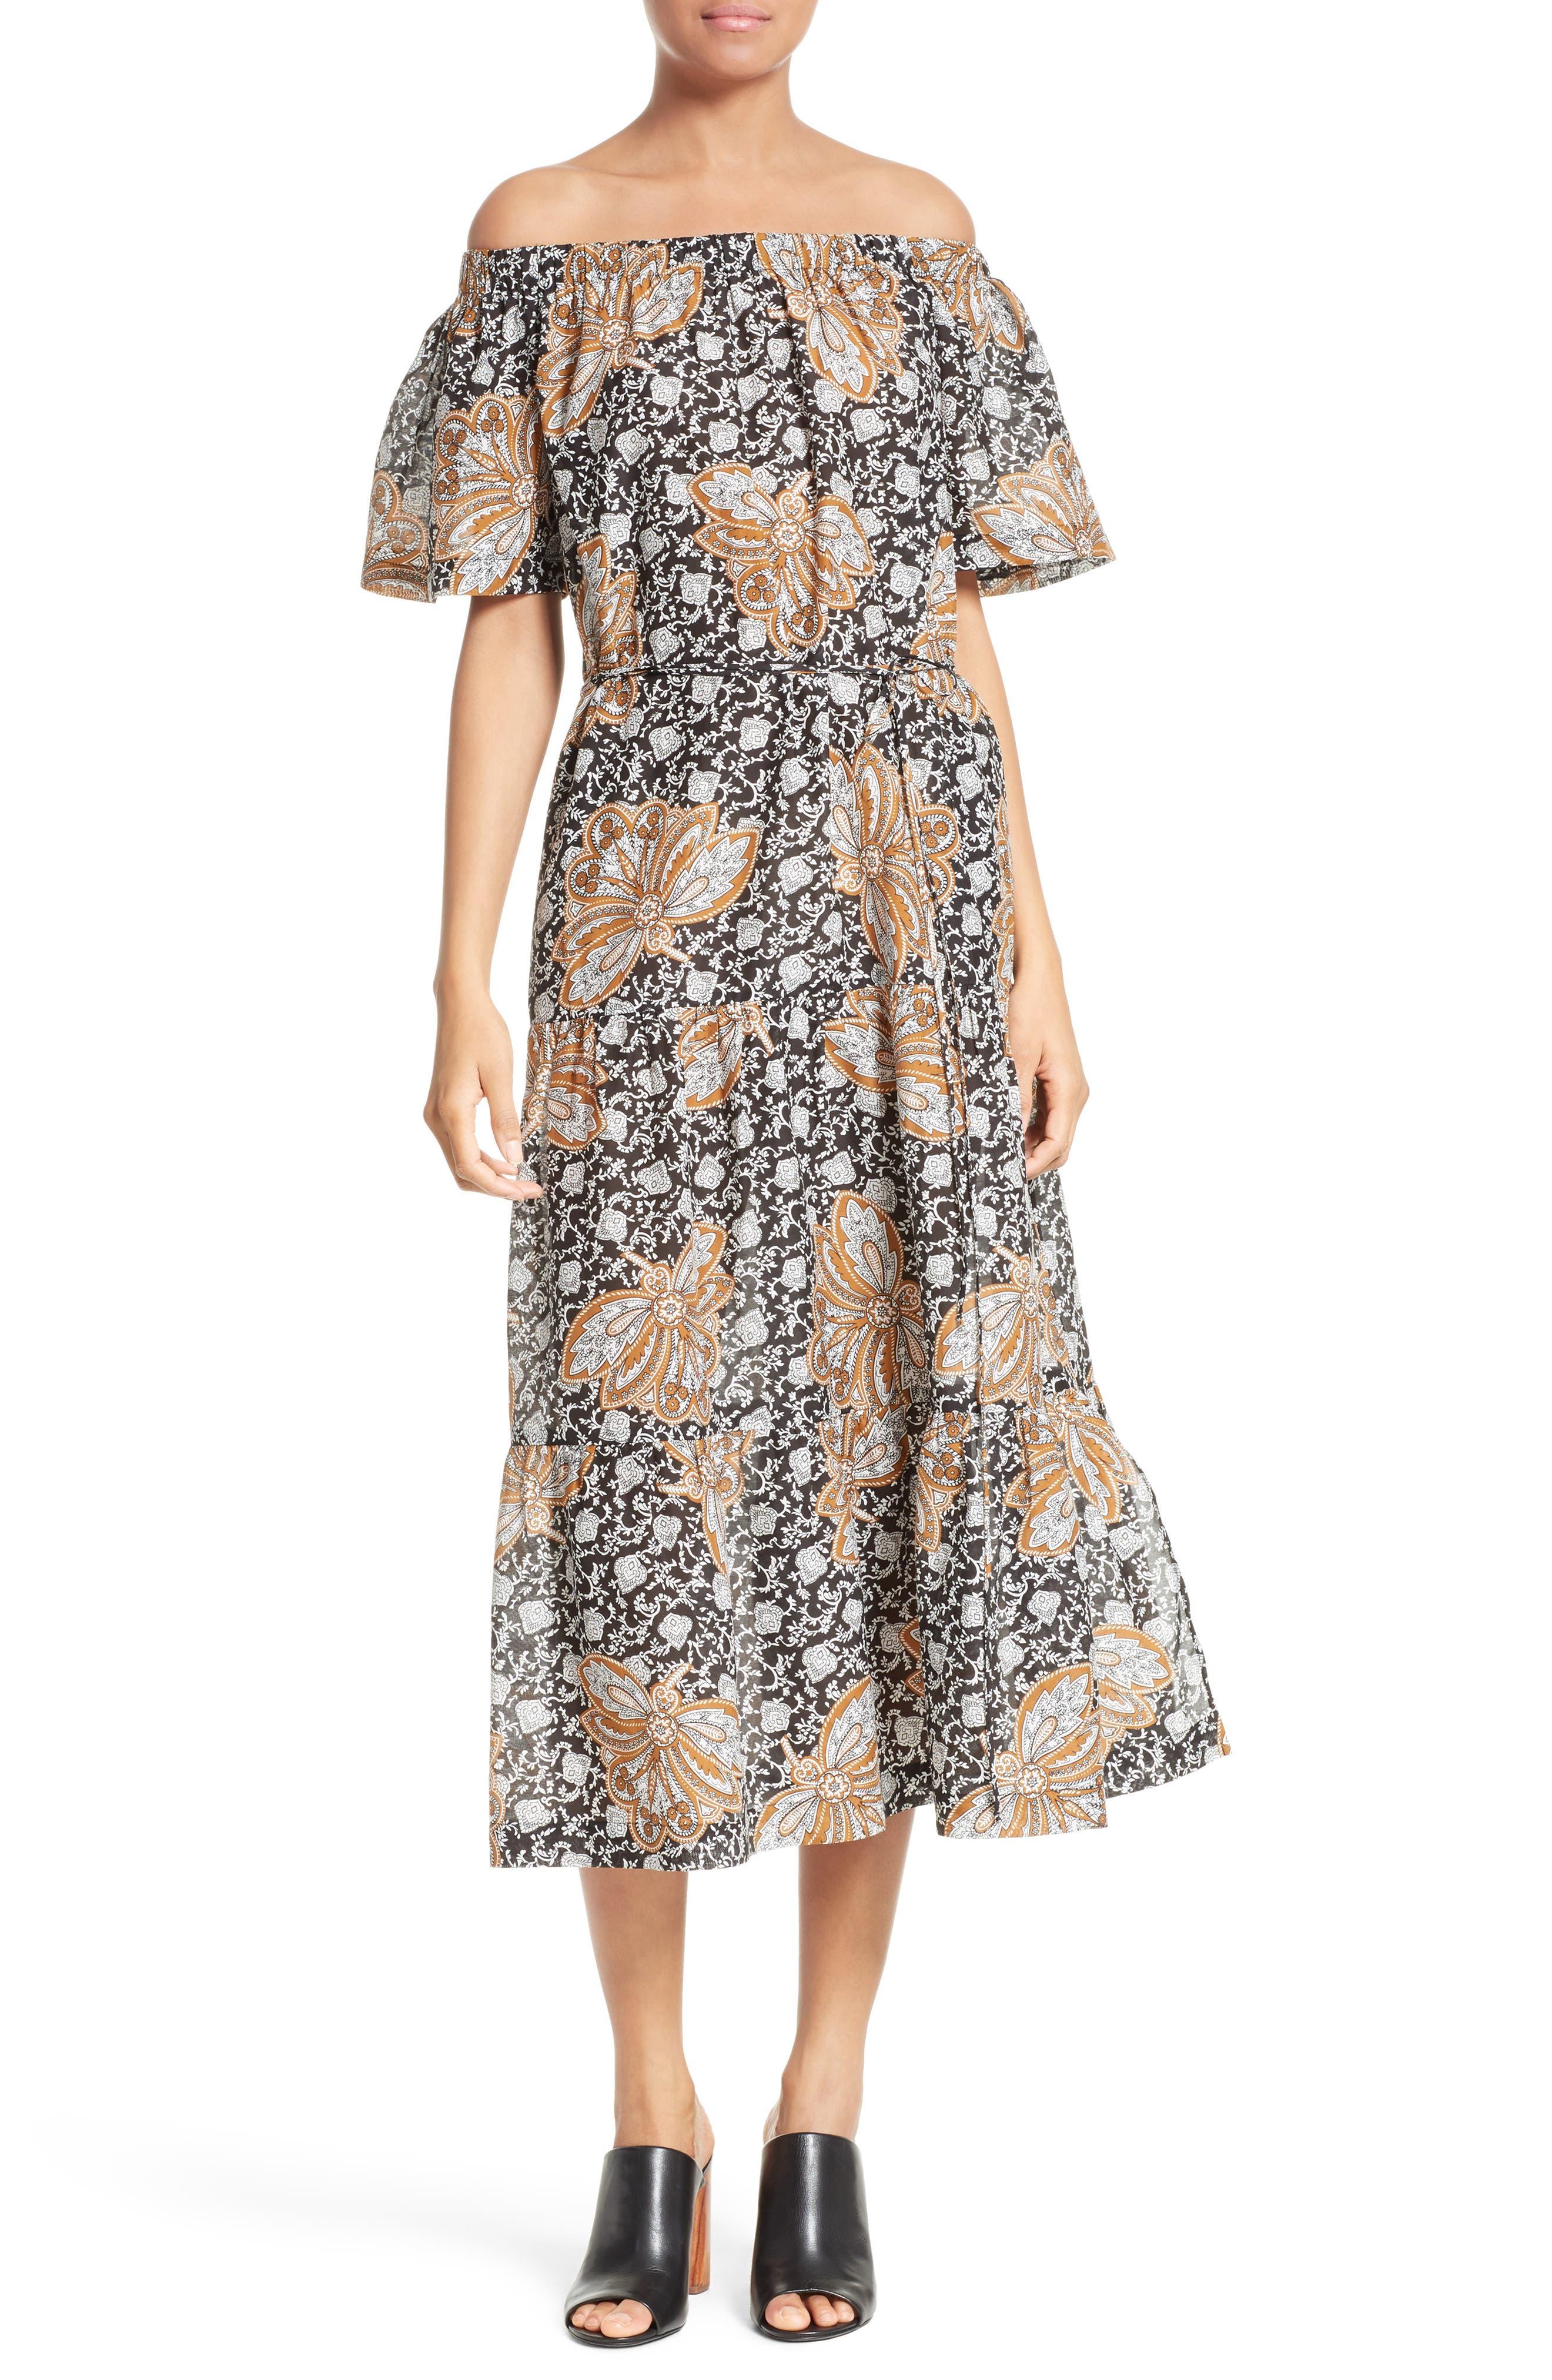 A.L.C. Doris Print Off the Shoulder Dress